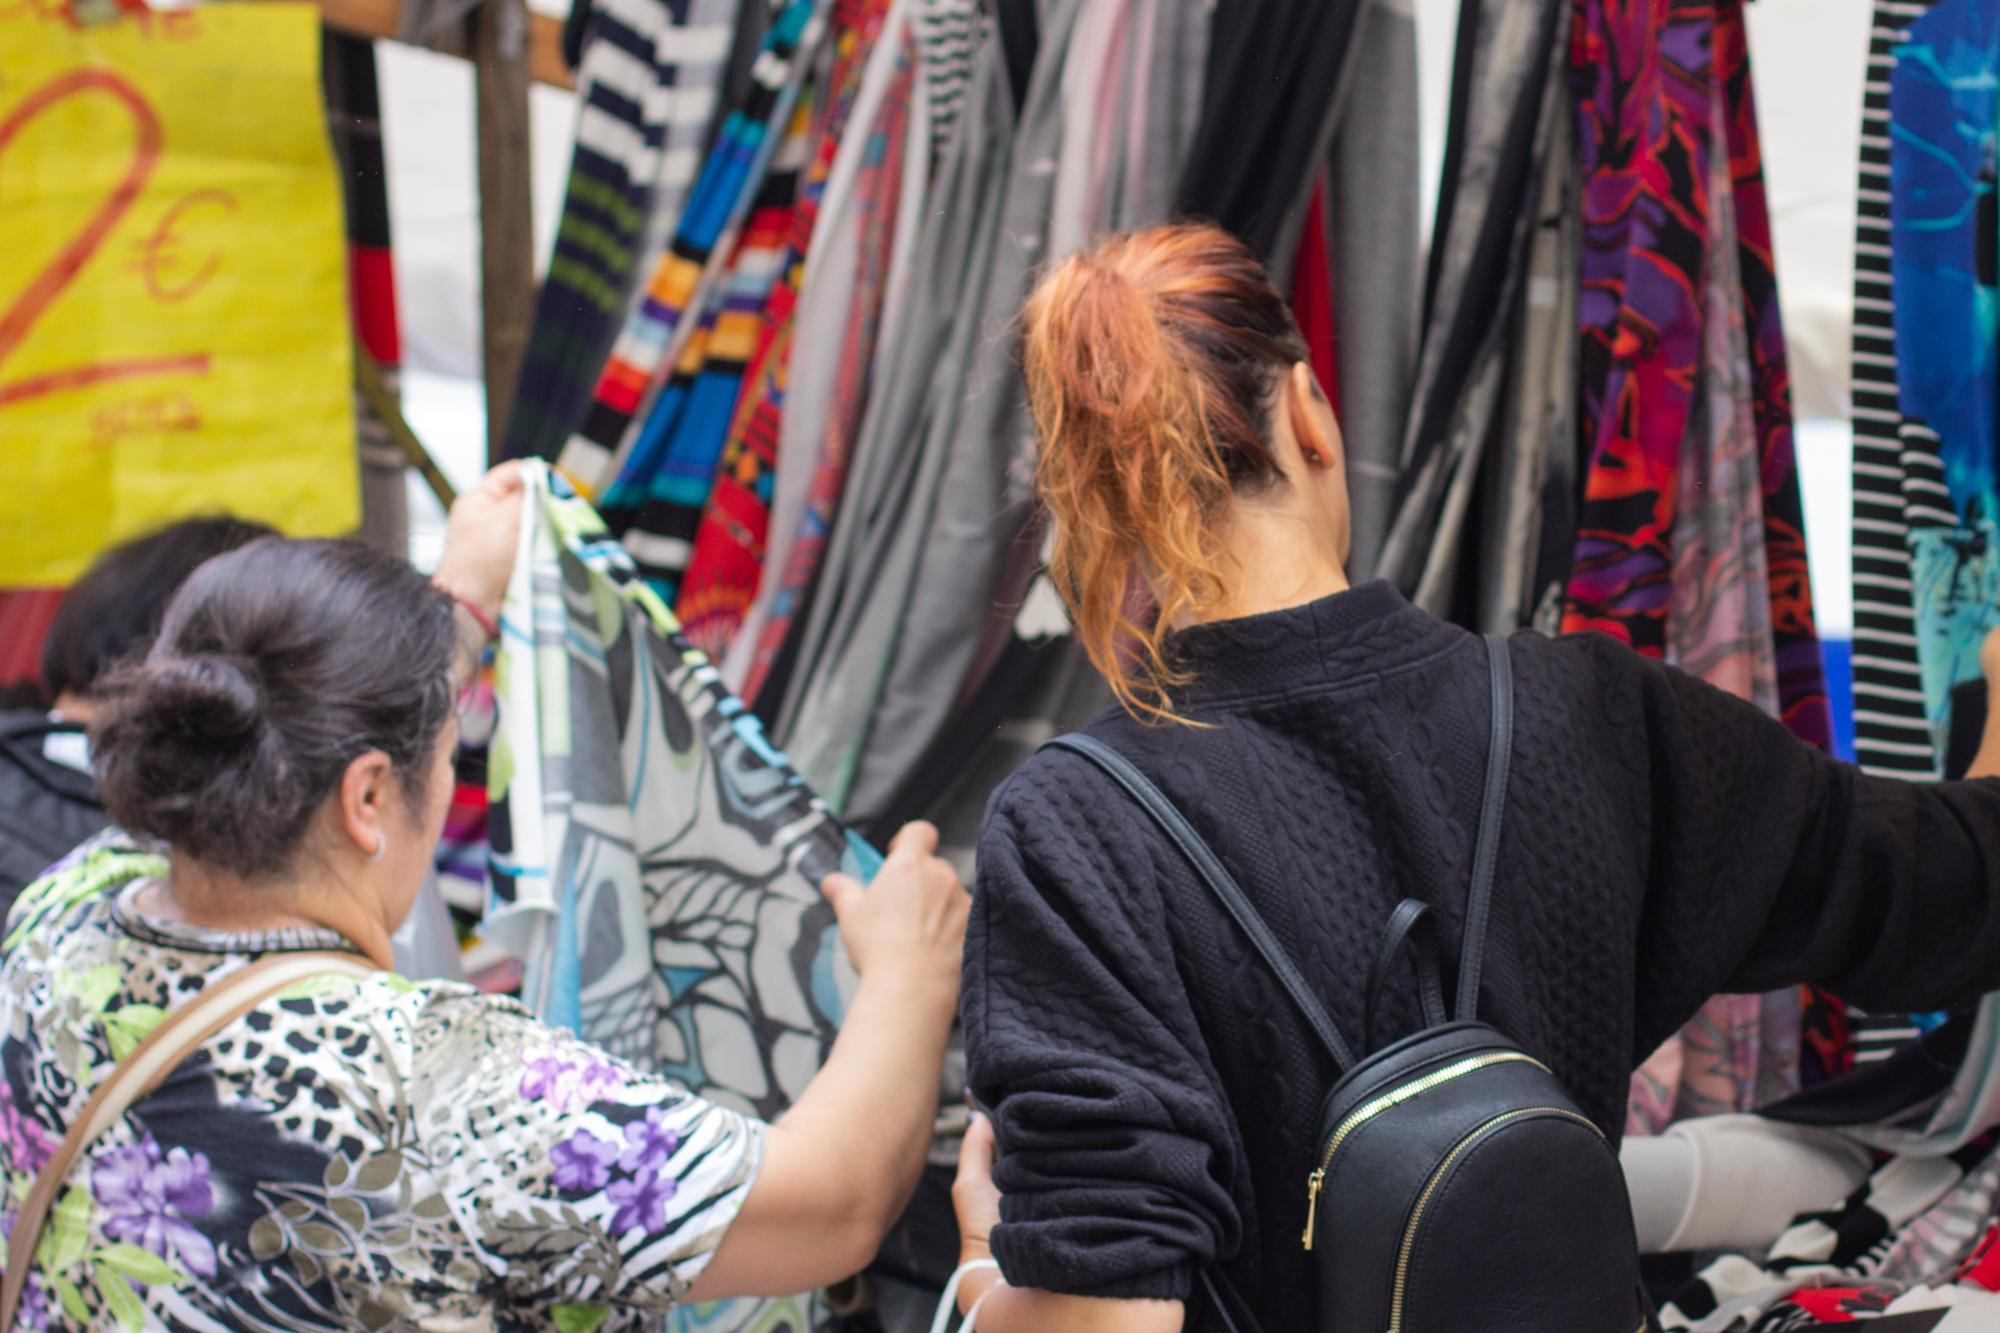 Zwei Frauen begutachten die Stoffe an einem Stoffstand auf dem sehr bunten türkischen Markt am Maybachufer in Berlin Neukölln